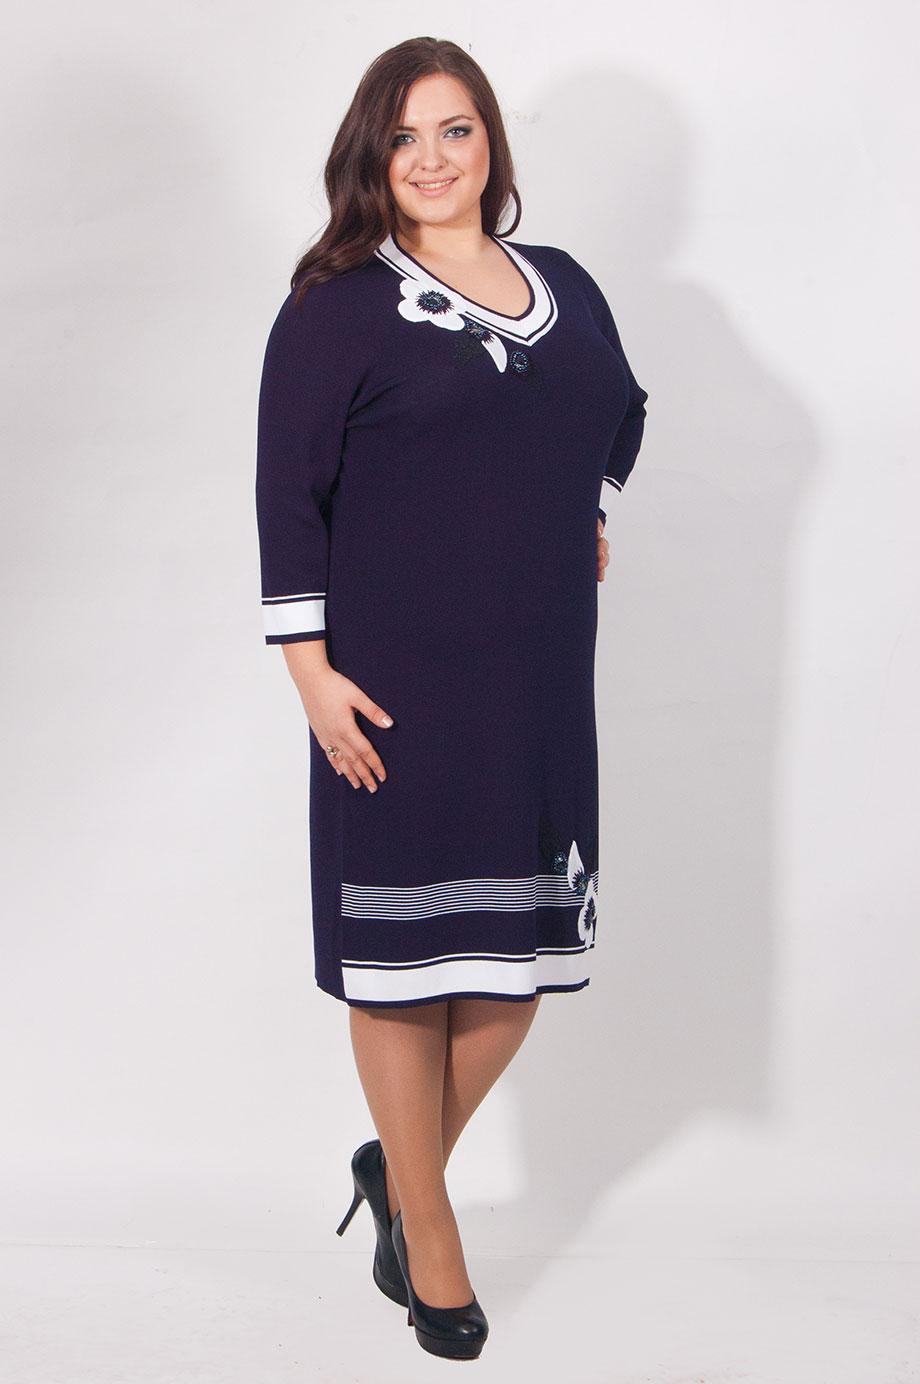 Купить Одежду Больших Размеров В Спб Женскую